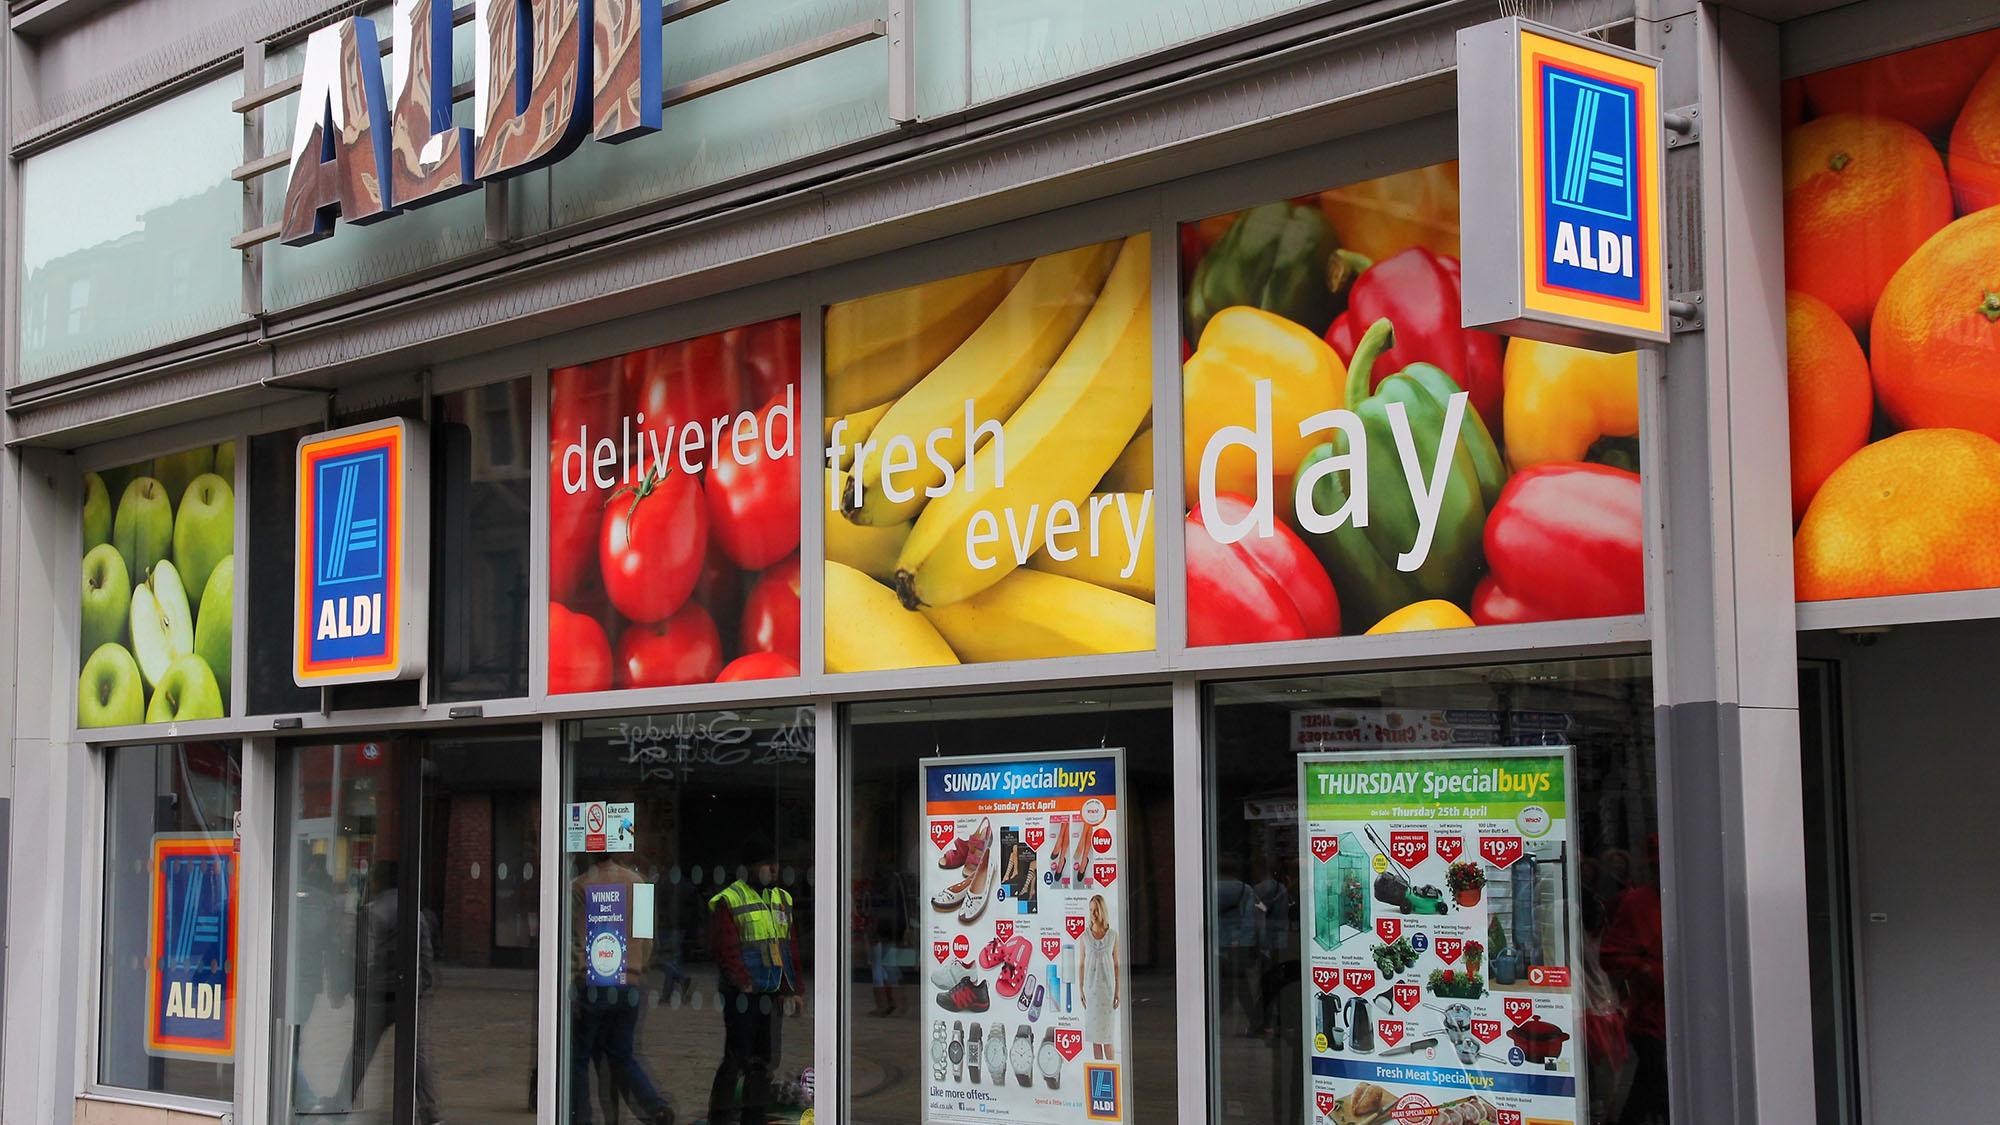 Aldi named Australia's cheapest supermarket